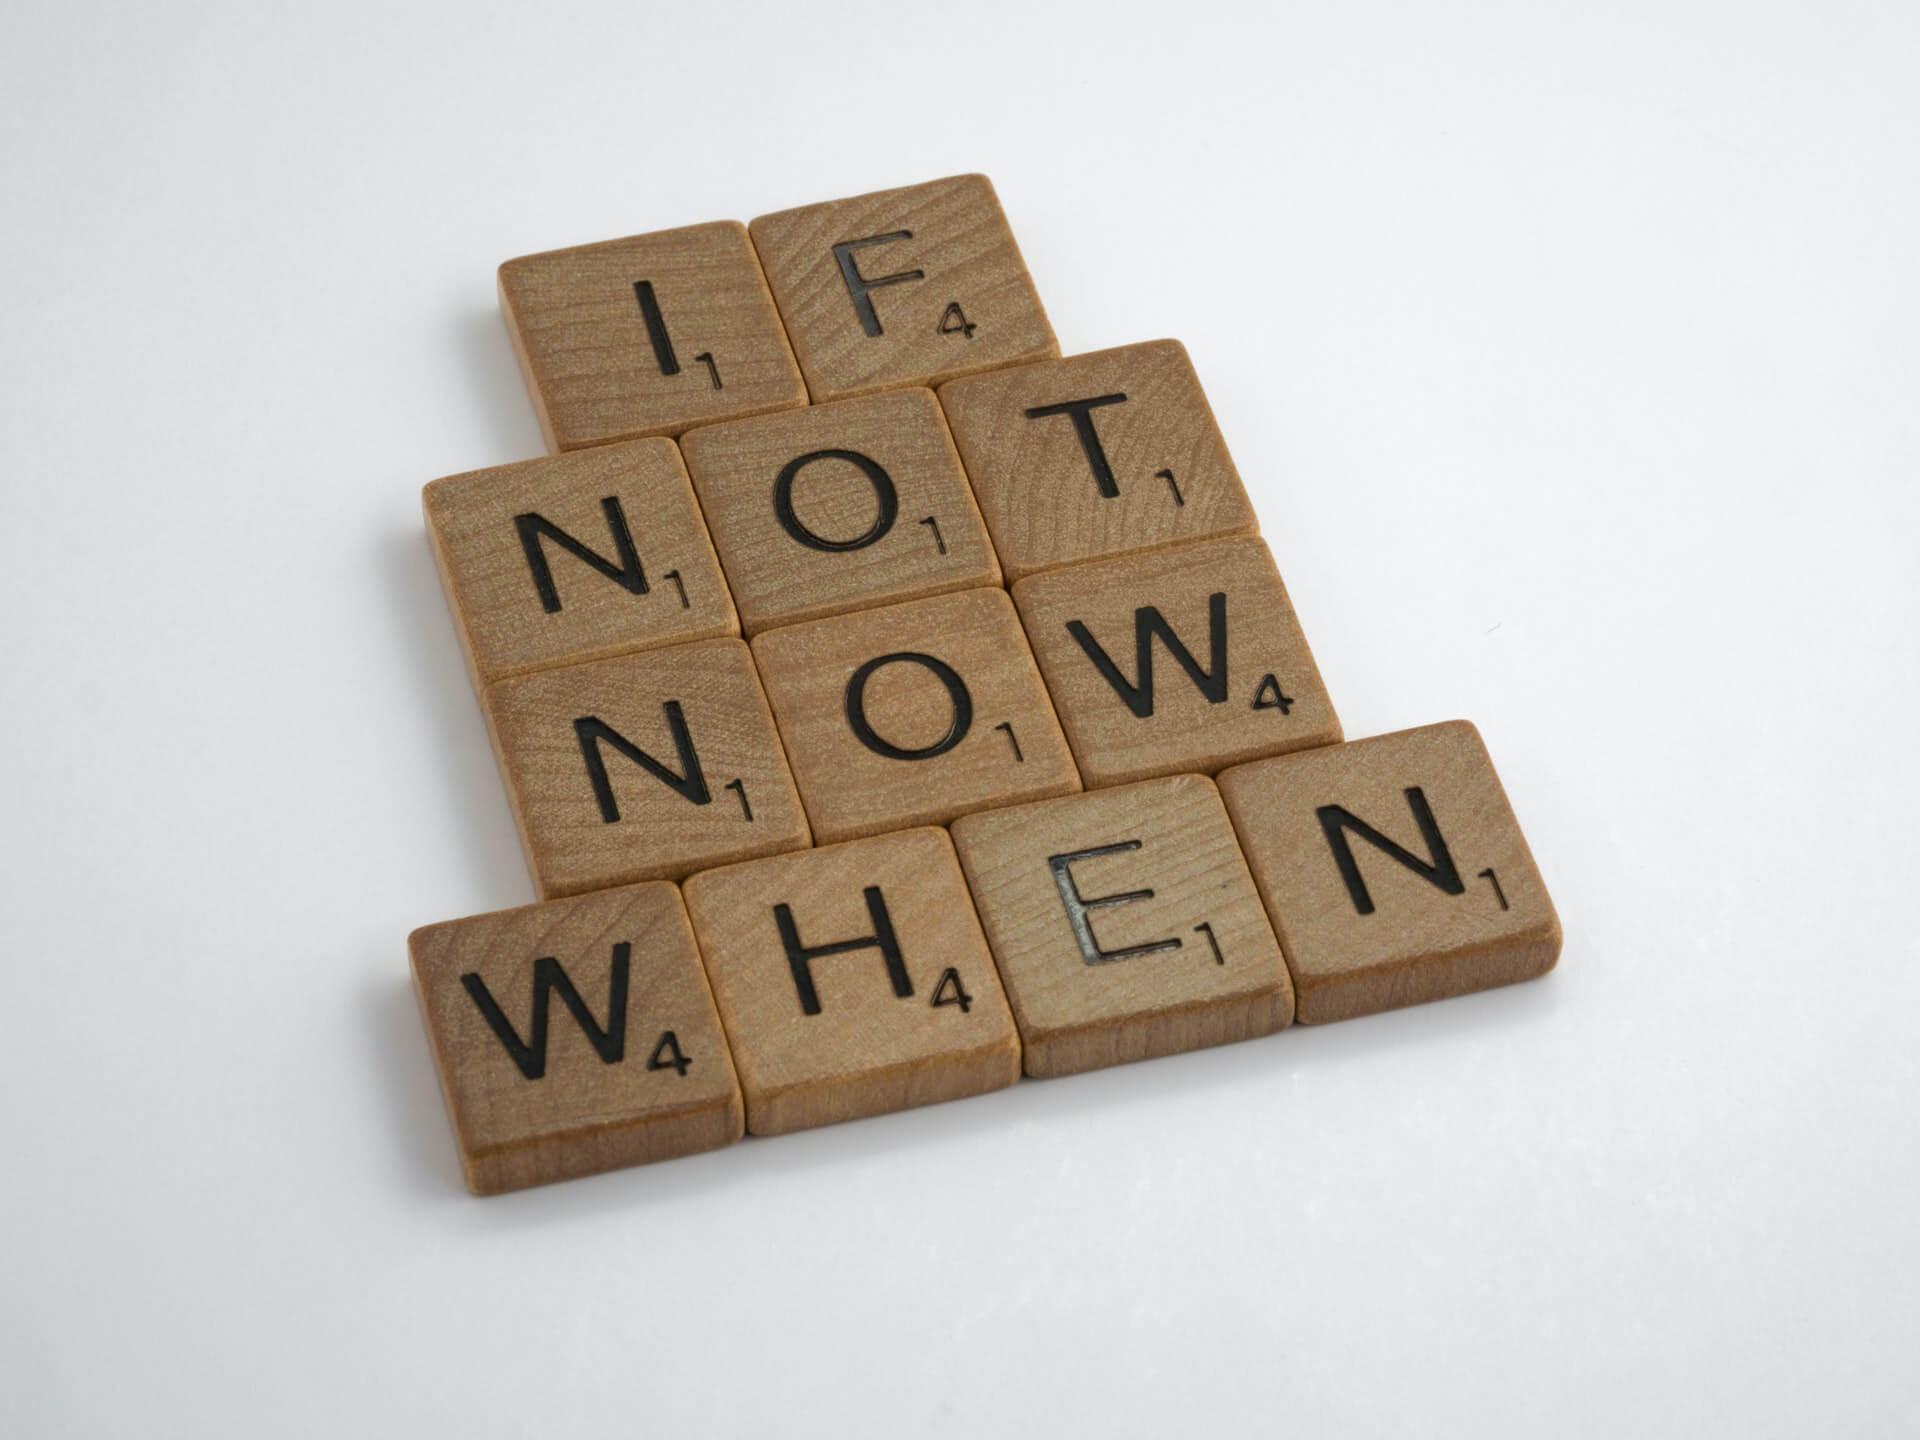 How Do You Defeat Procrastination?, How Do You Defeat Procrastination?